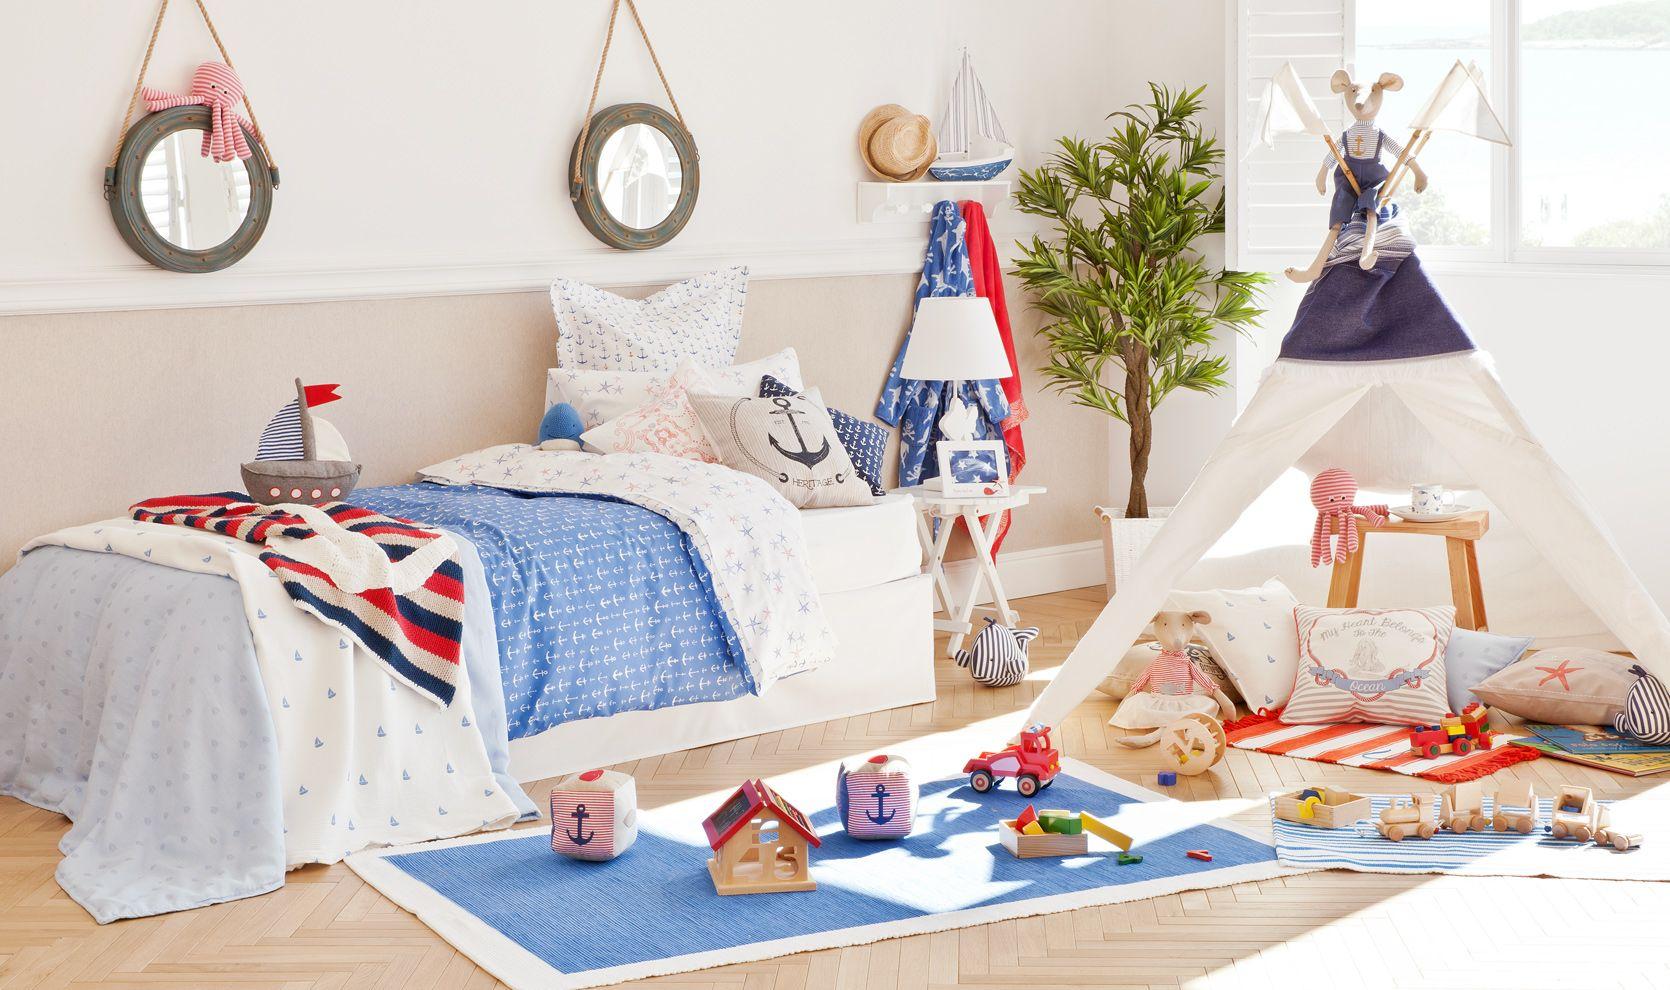 Zara home portugal home page mobili rio zara home zara home kids e kids bedroom - Zara home portugal ...